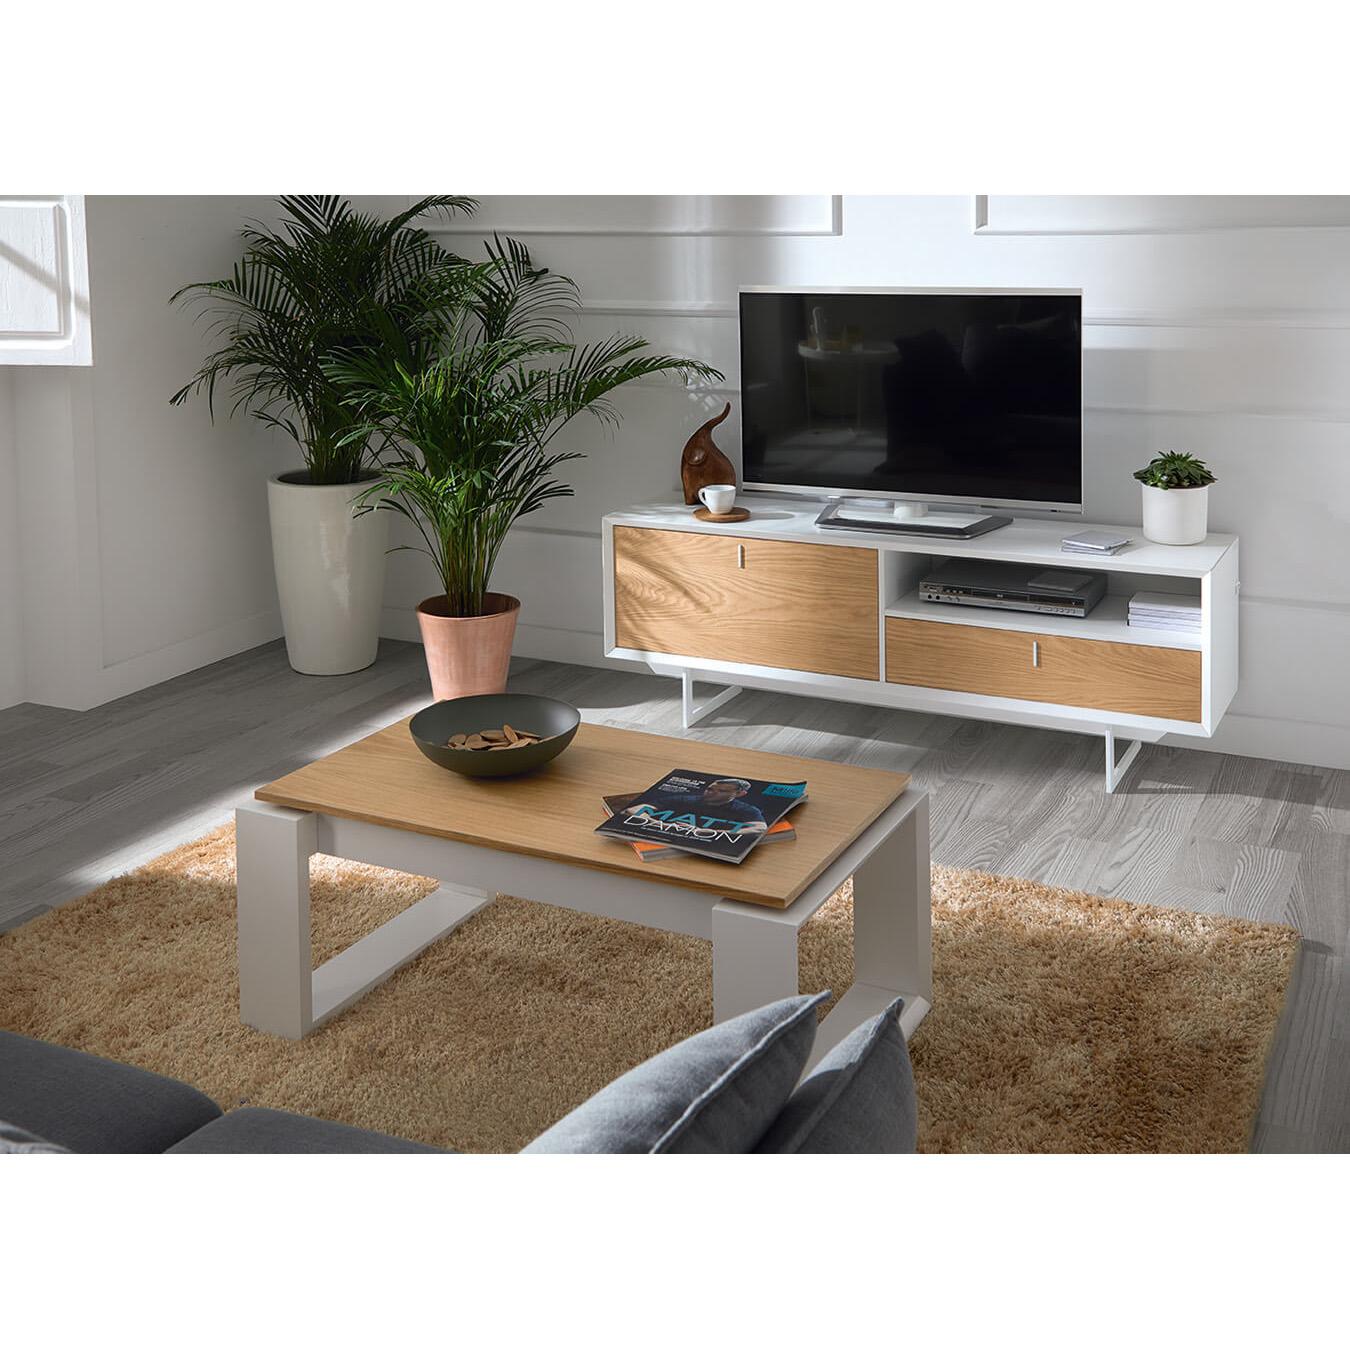 Móvel TV Porto, MDF lacado/madeira de carvalho, 165x40x58